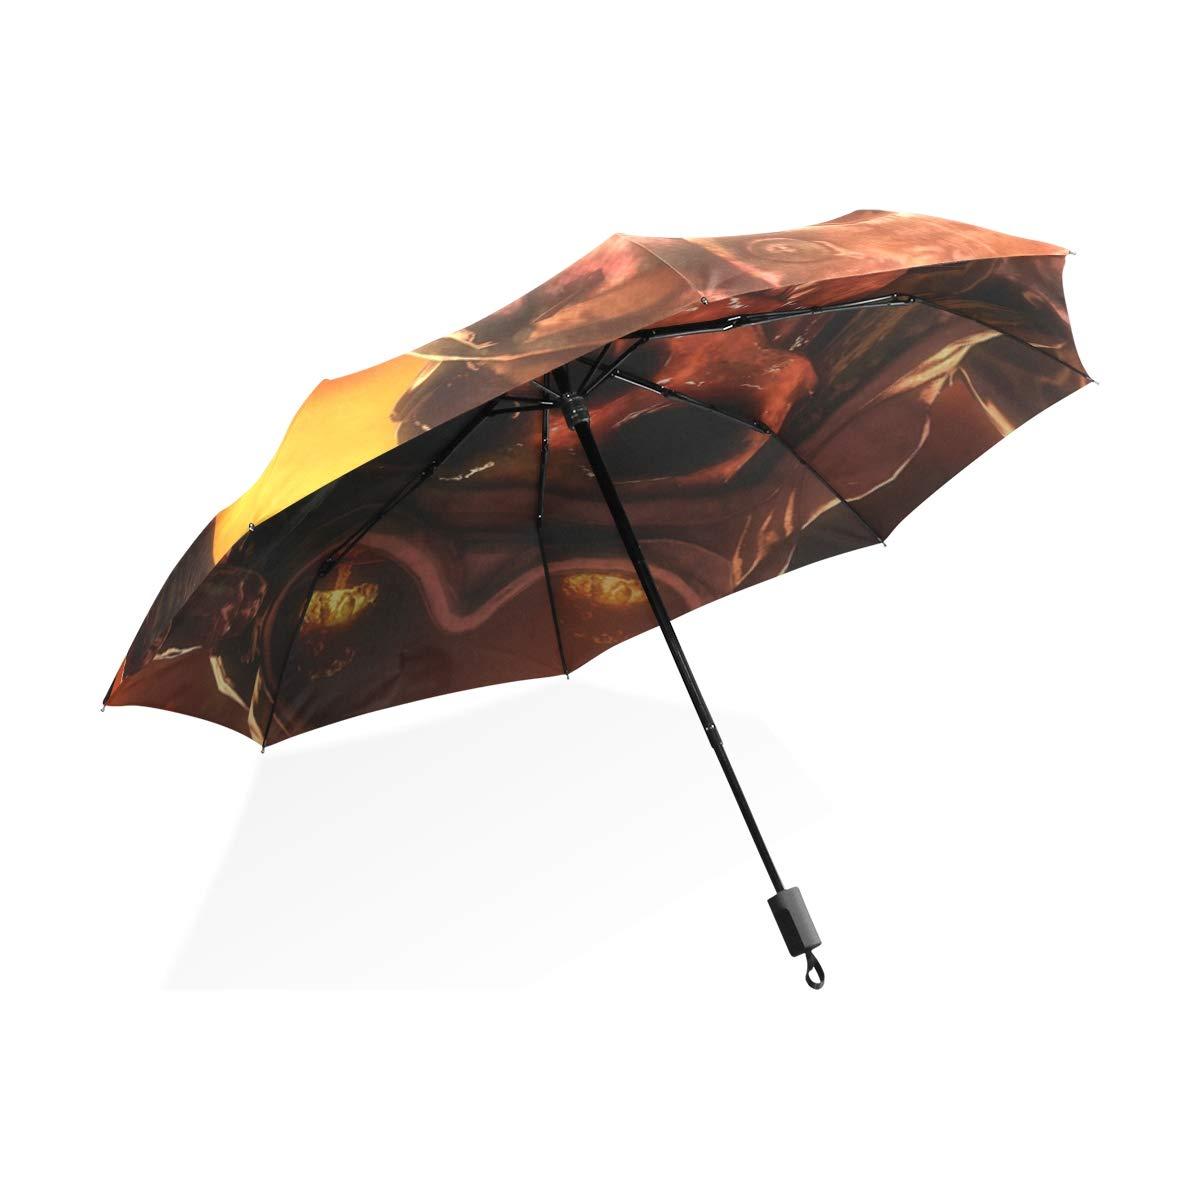 Isaoa Automatique Voyage Parapluie Compact Parapluie Pliable Cool Tête de Mort Coupe-Vent Ultra léger Protection UV Parapluie pour Homme ou Femme